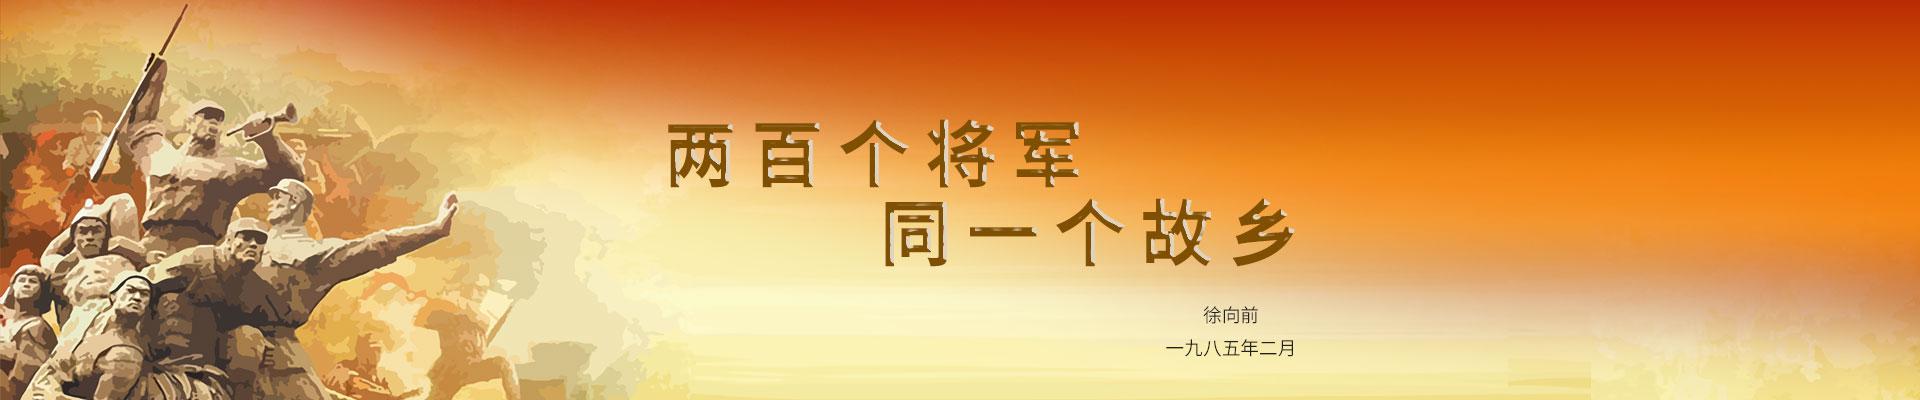 红安记忆文化培训中心